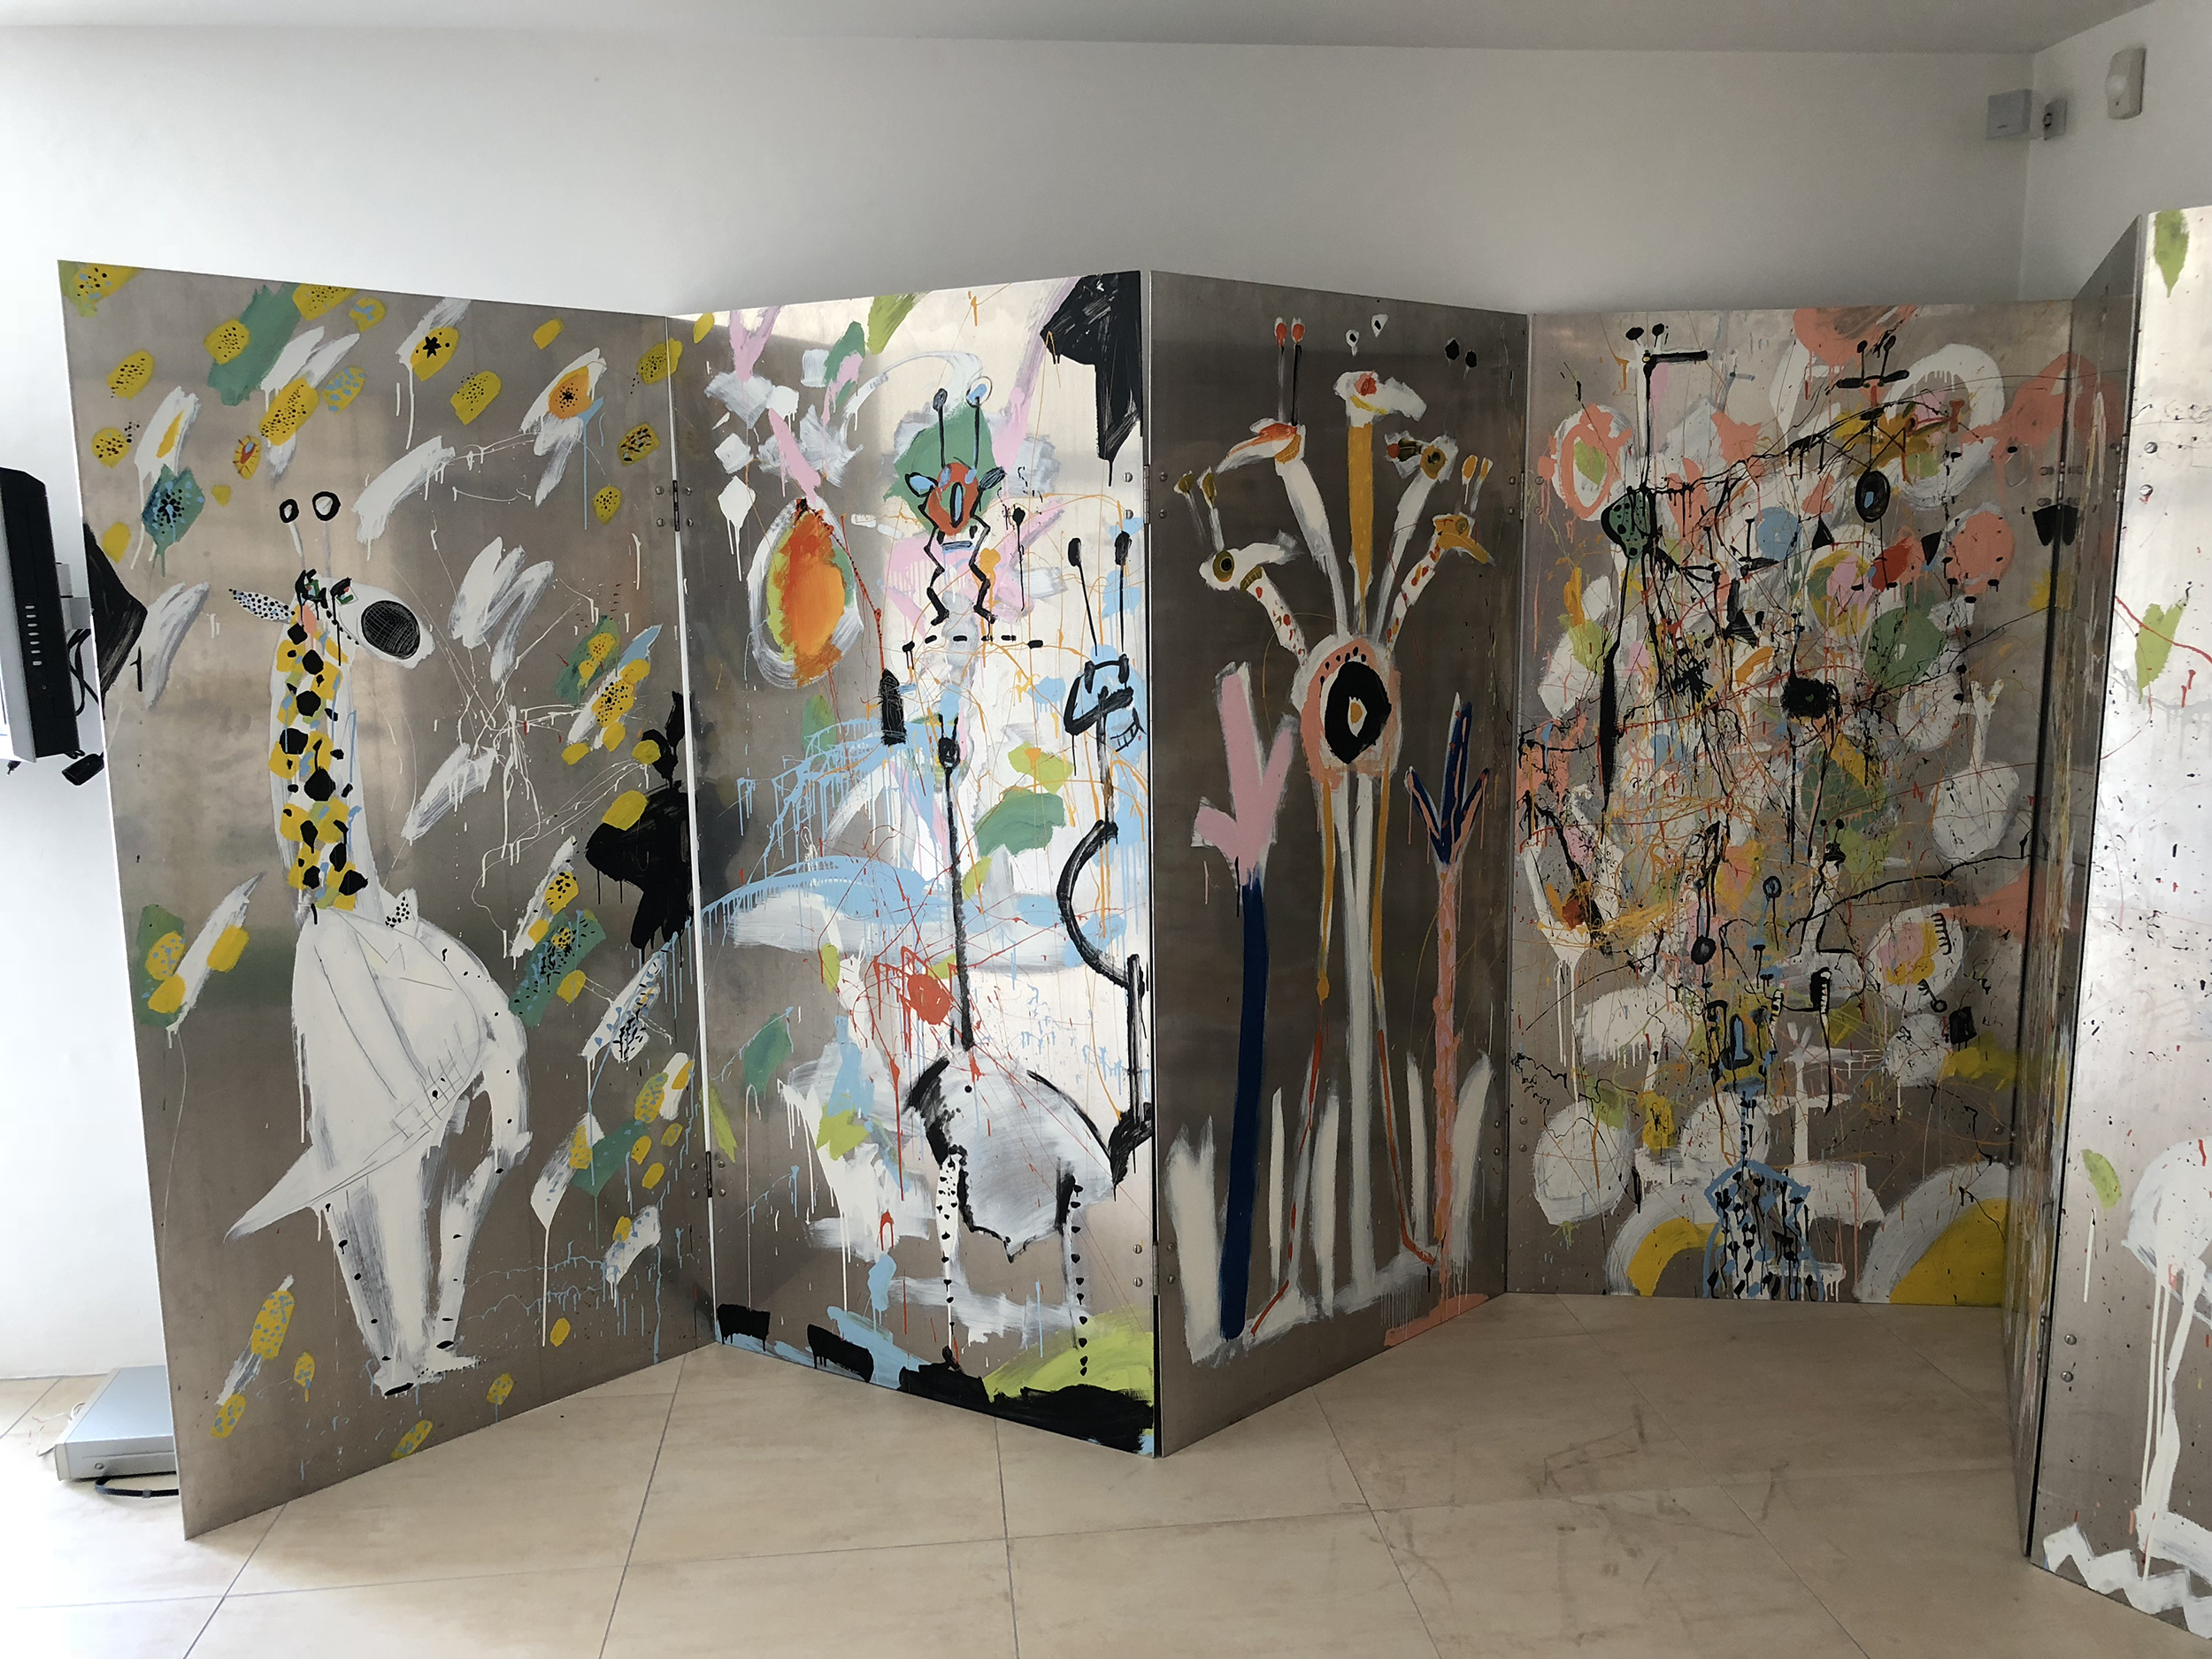 Kopie von Gemeinschaftswerk Christoph Gloor & René Fehr, 1998, Paravent aus 8 Aluminiumplatten verschraubt, 200 x 800 cm, Acrylfarben